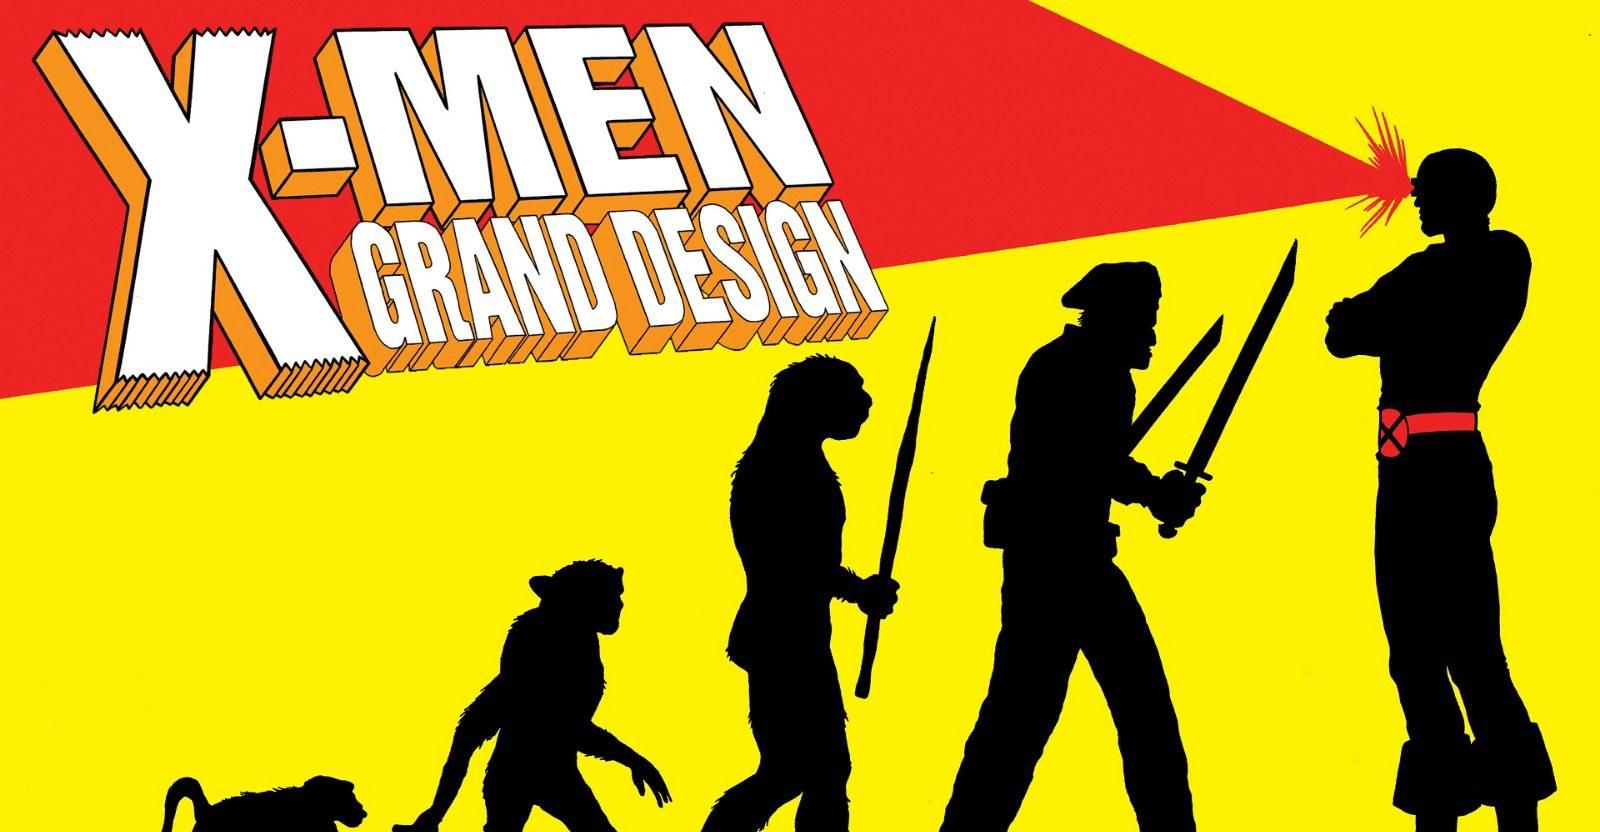 X-Men Grand Design